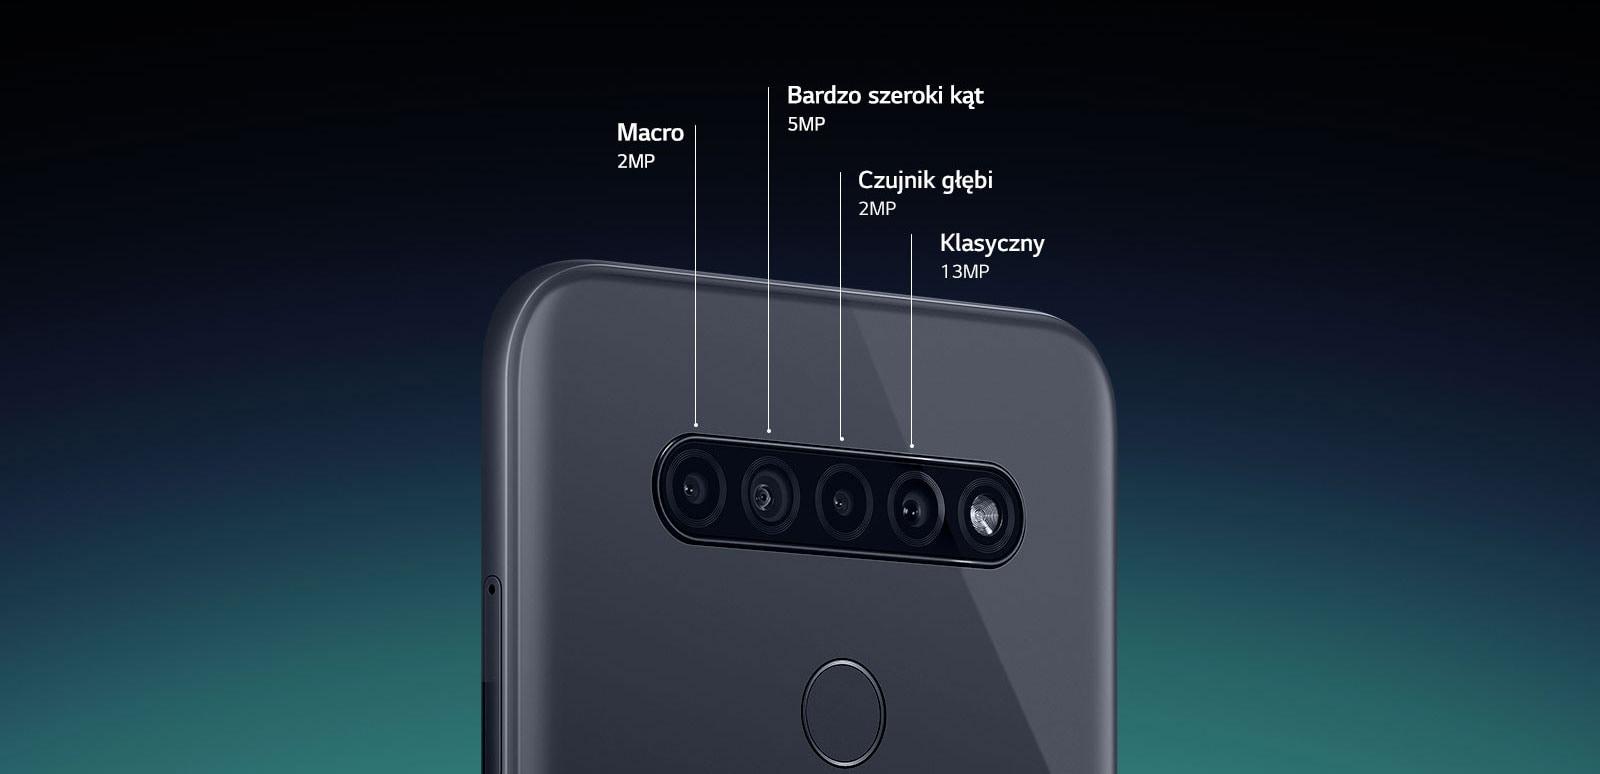 Widok smartfona z tyłu ukazujący cztery aparaty